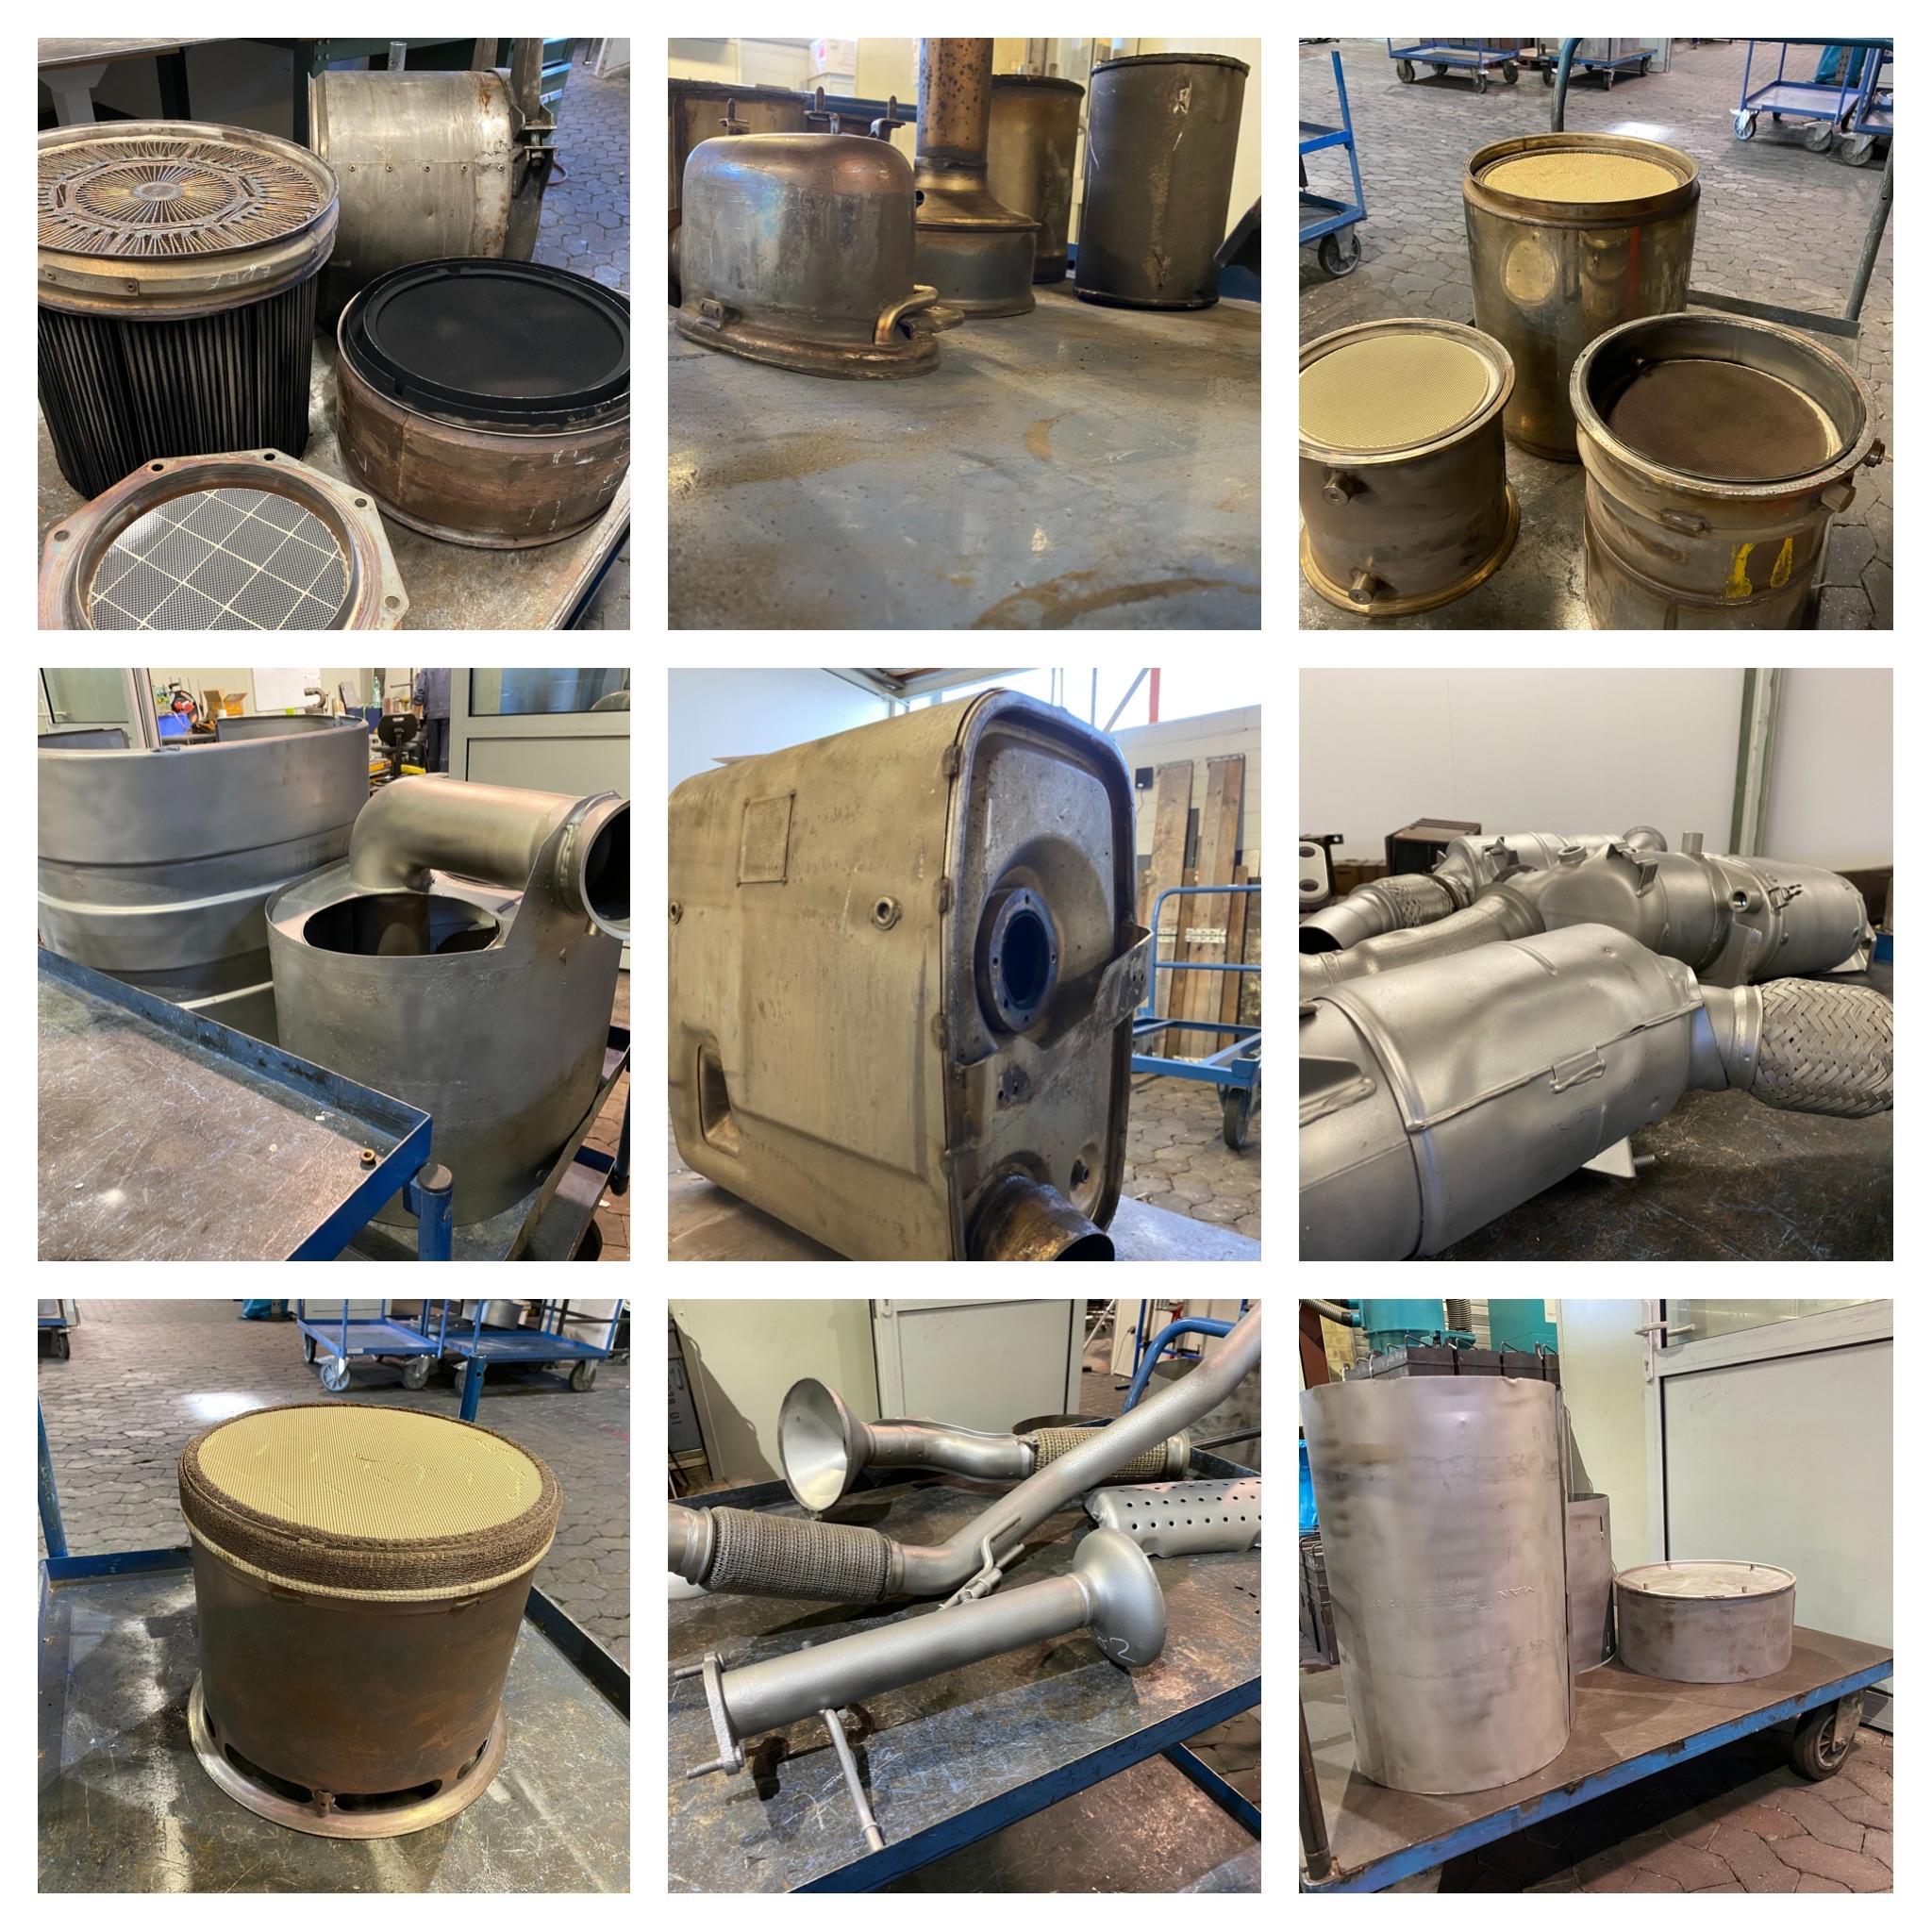 Partikelfilter, KAT Reinigung | Cleantaxx GmbH